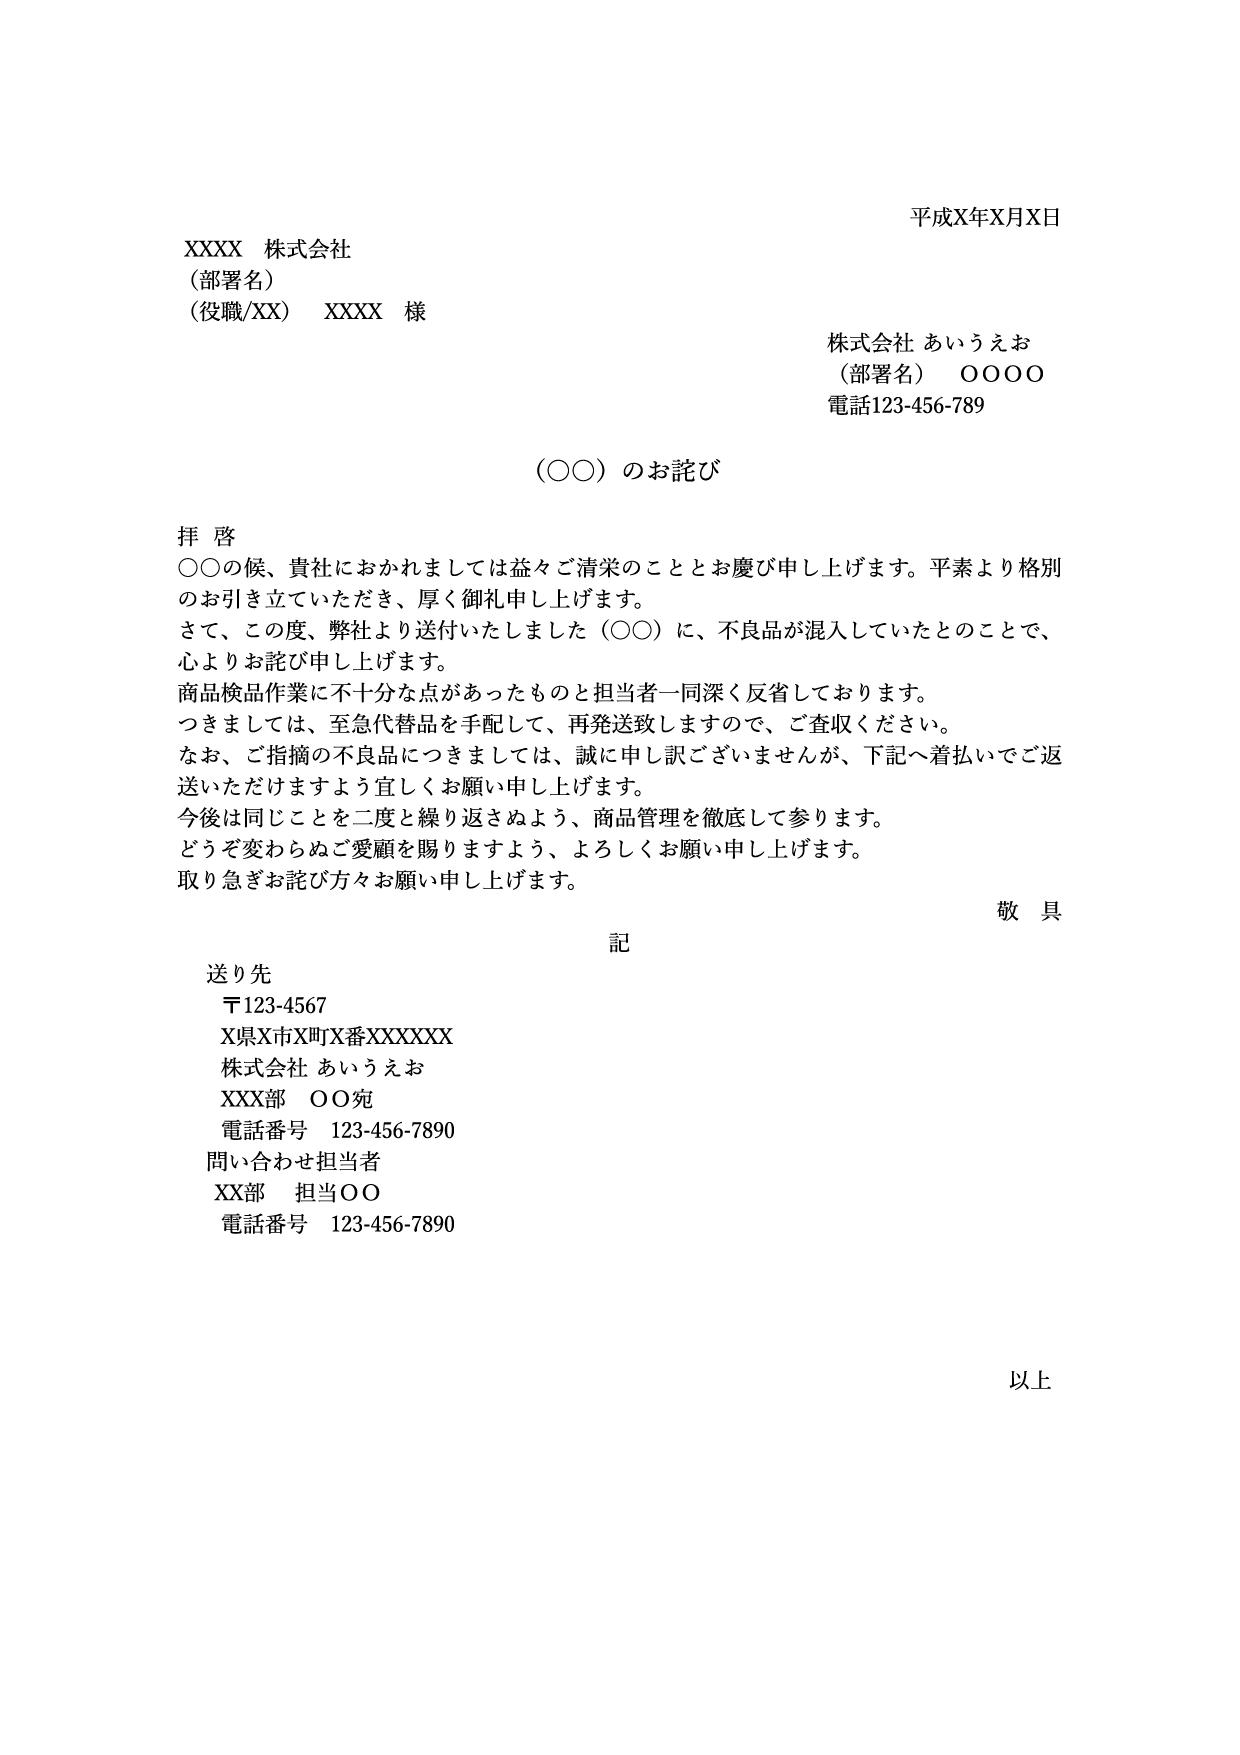 お詫び状テンプレート_客先宛(ワード・ページズ)